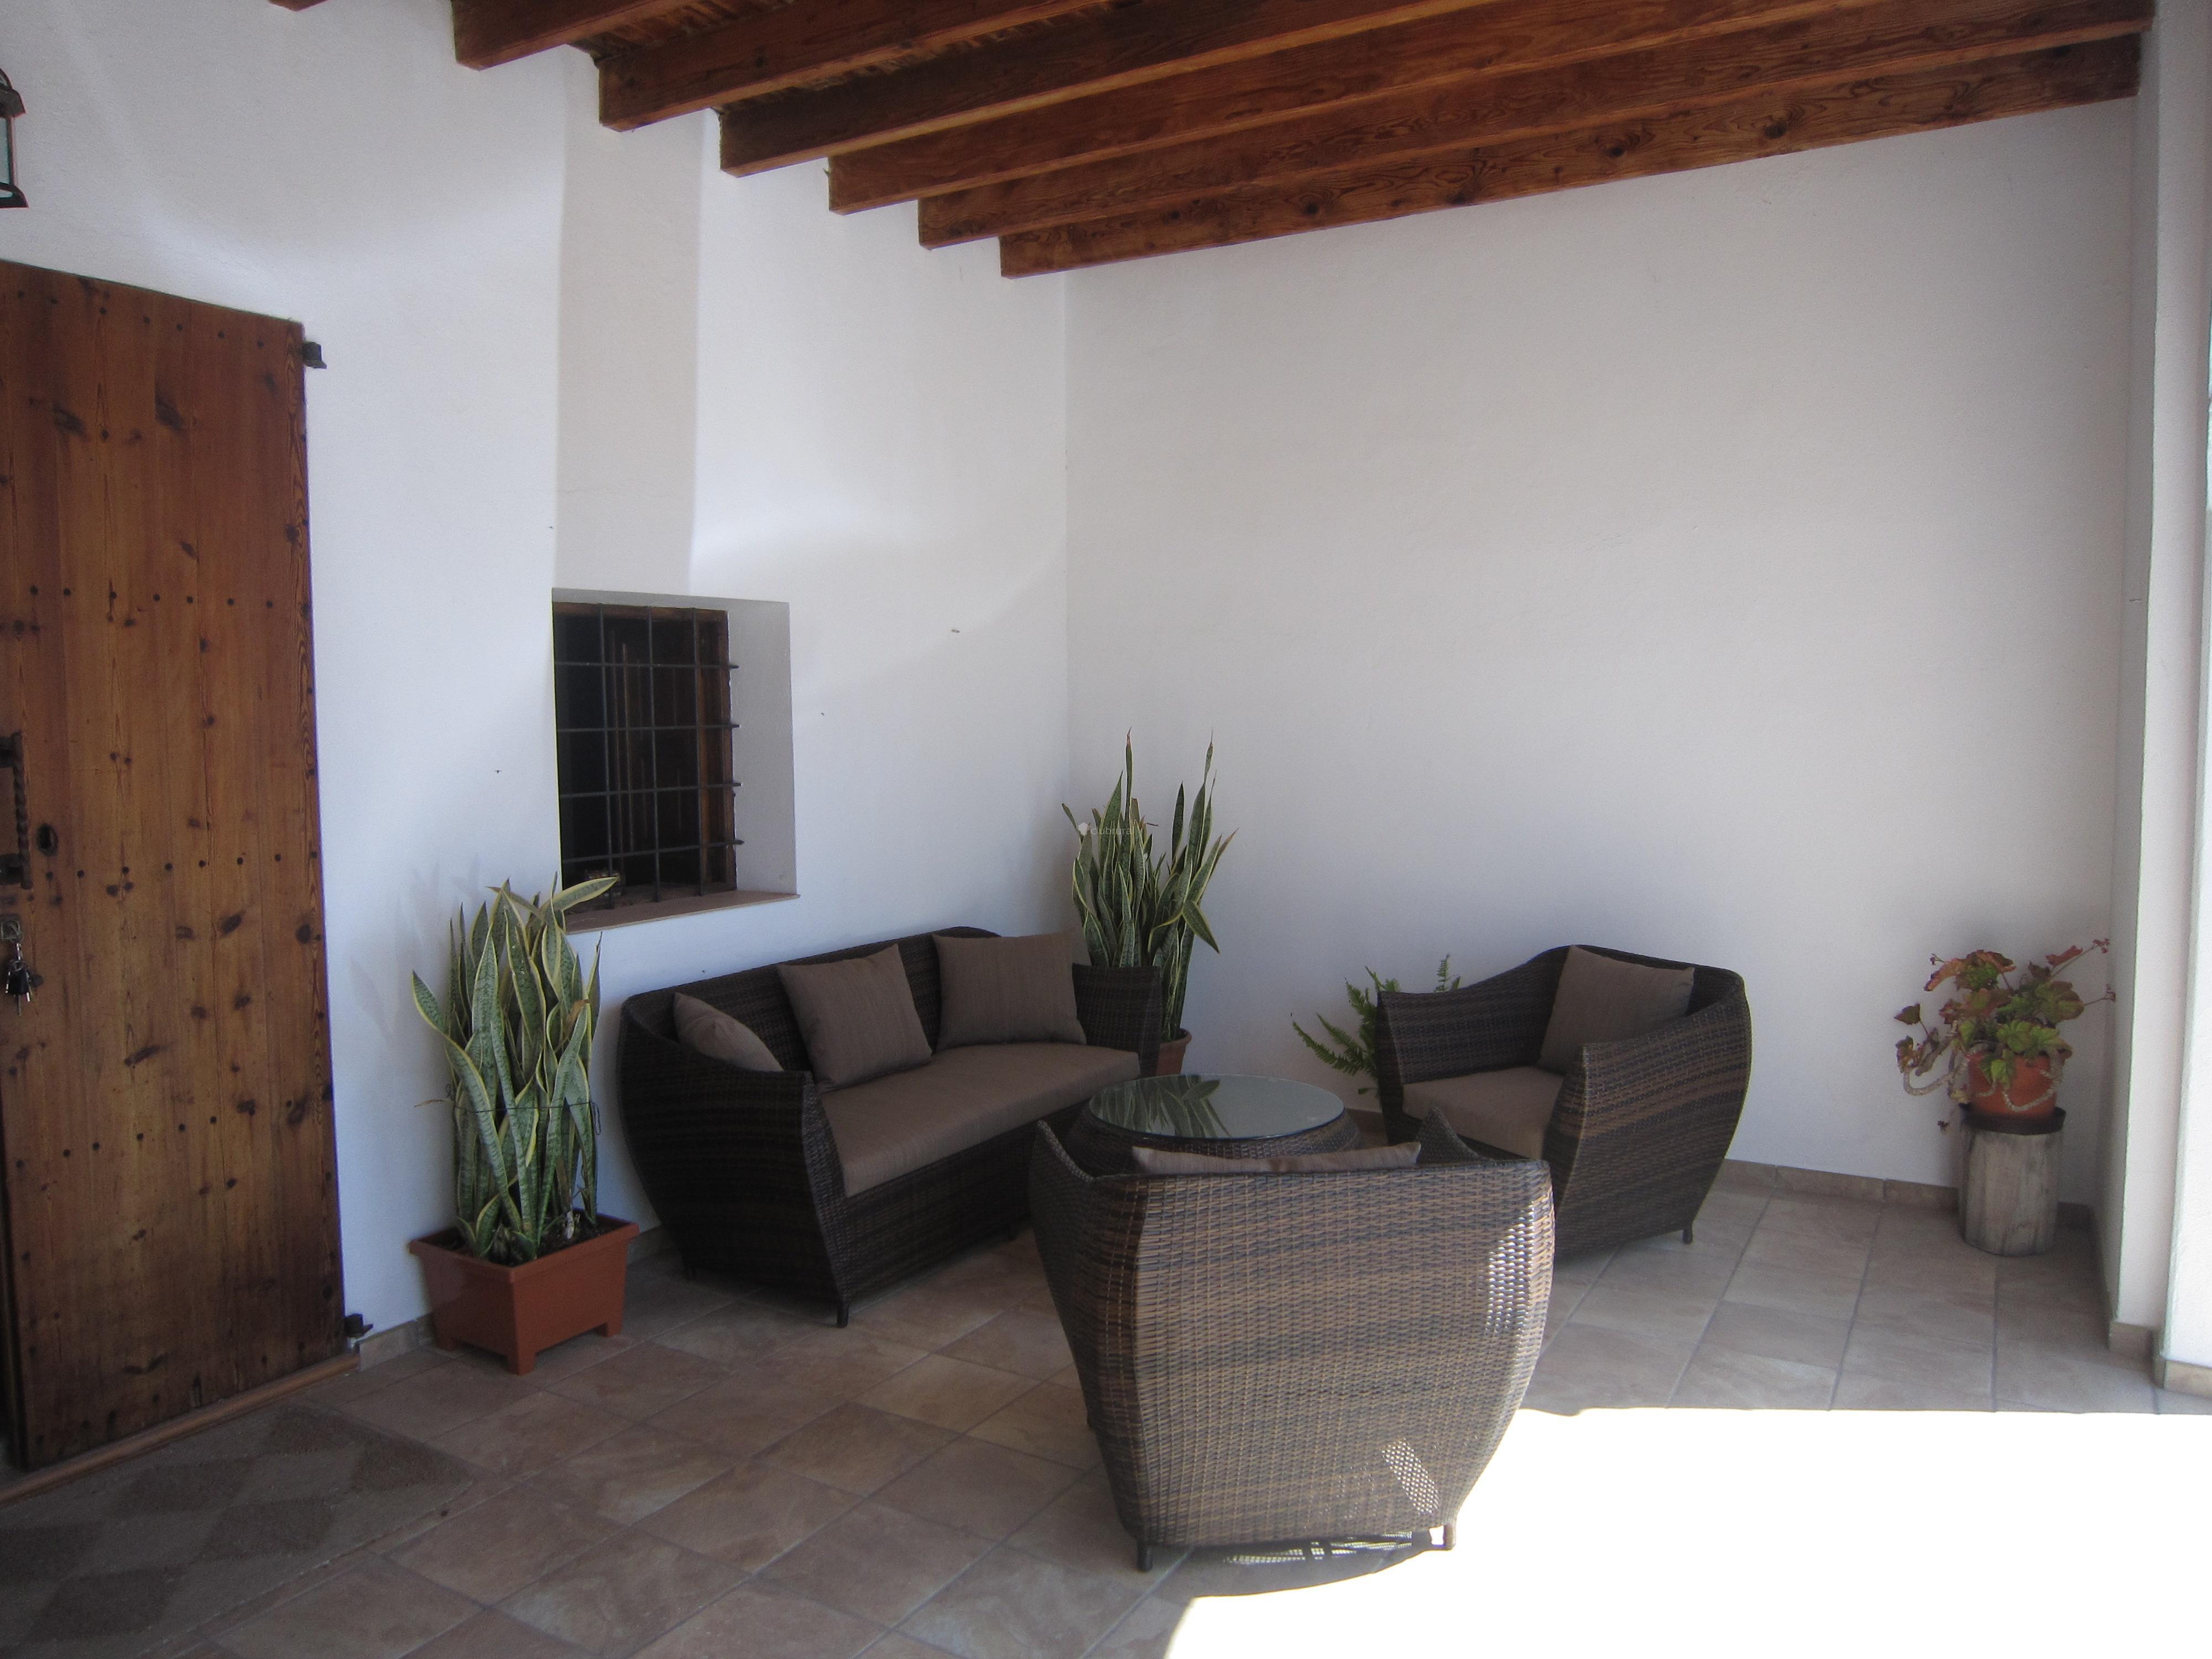 Fotos de casa nora ibiza ibiza clubrural - Ibiza casas rurales ...